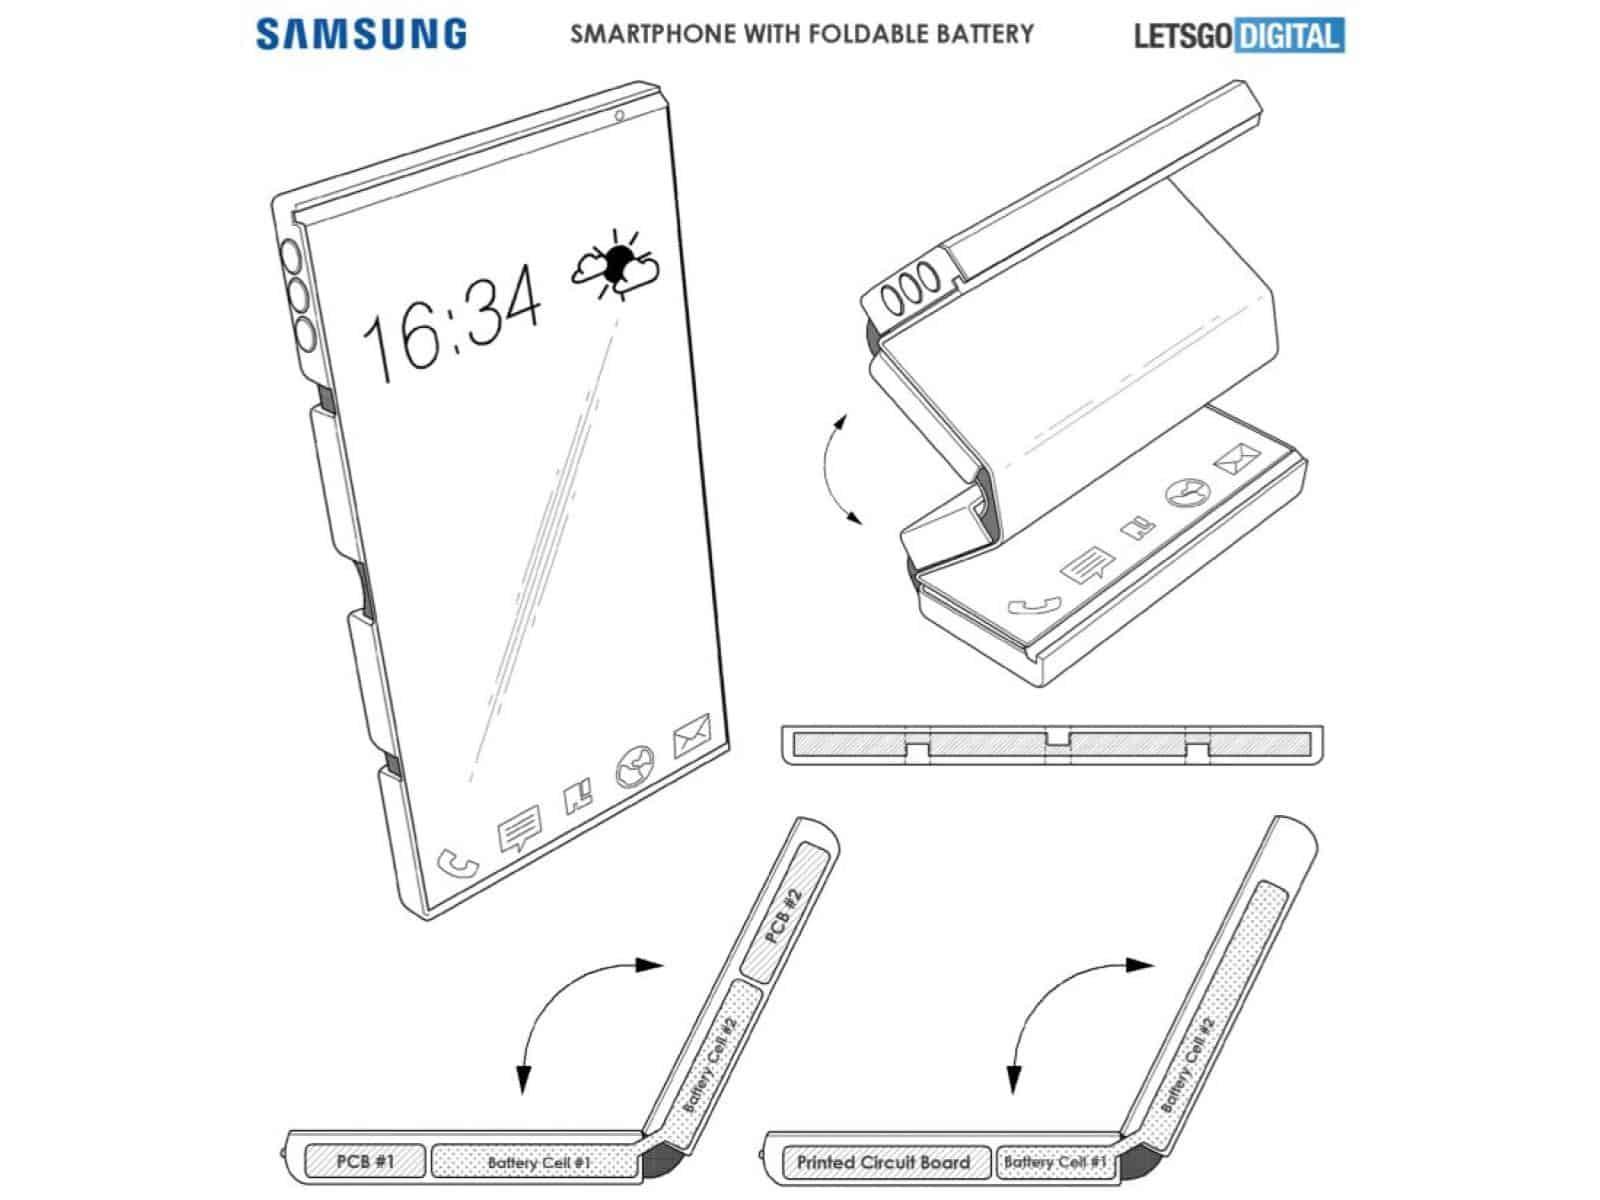 batterie flexible, Samsung dépose le brevet d'une batterie flexible